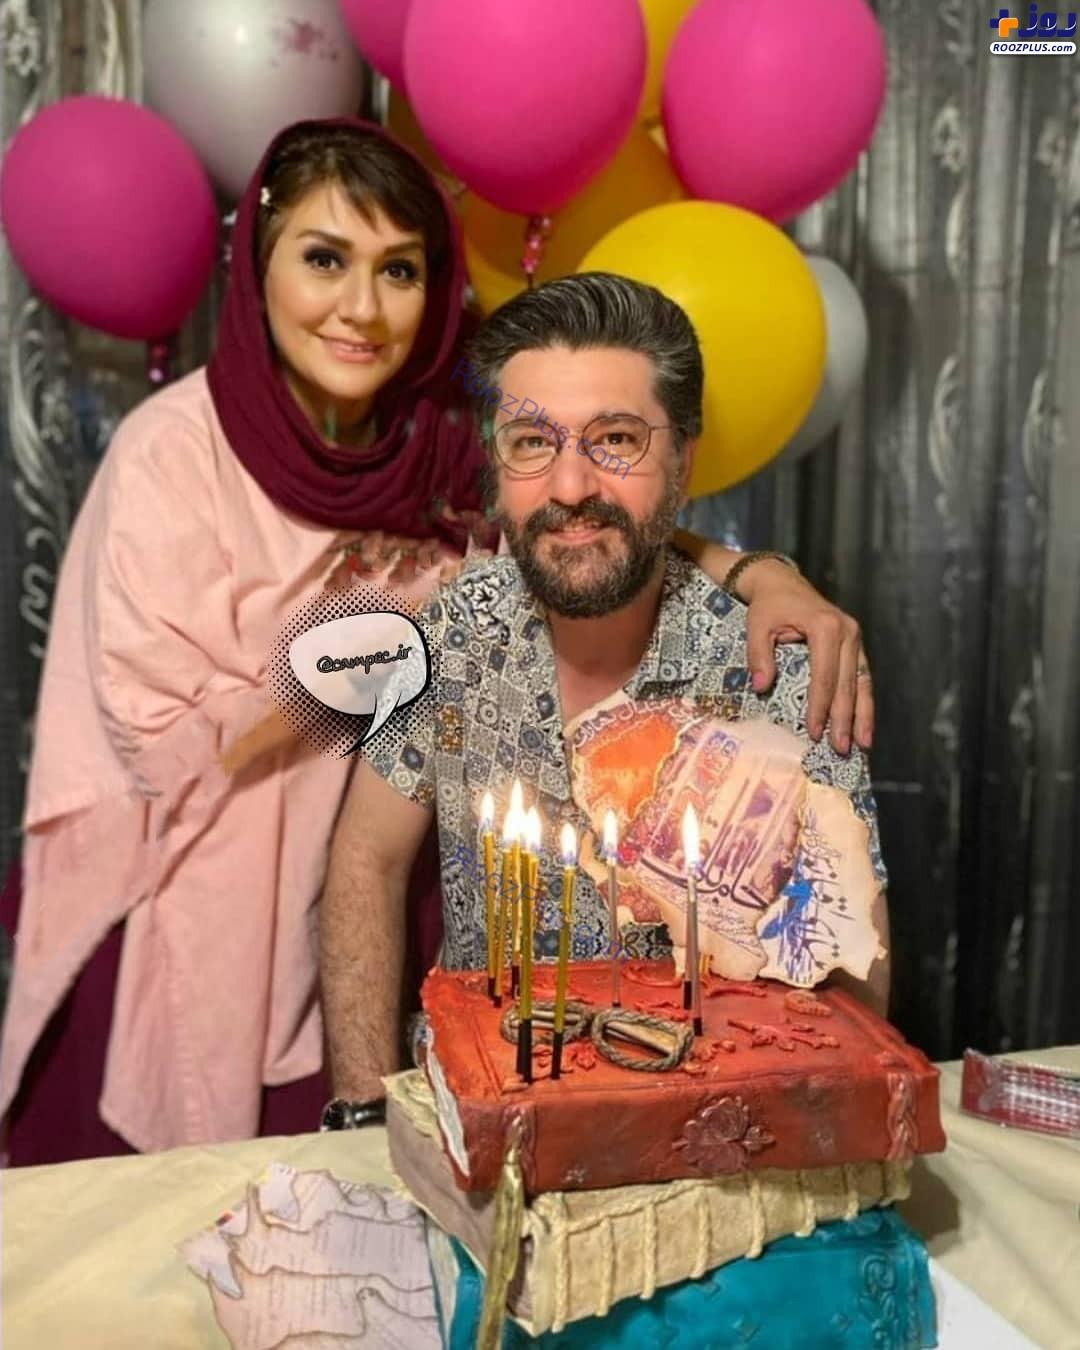 جشن تولد ۵۰ سالگی امیرحسین مدرس در کنار همسرش+عکس